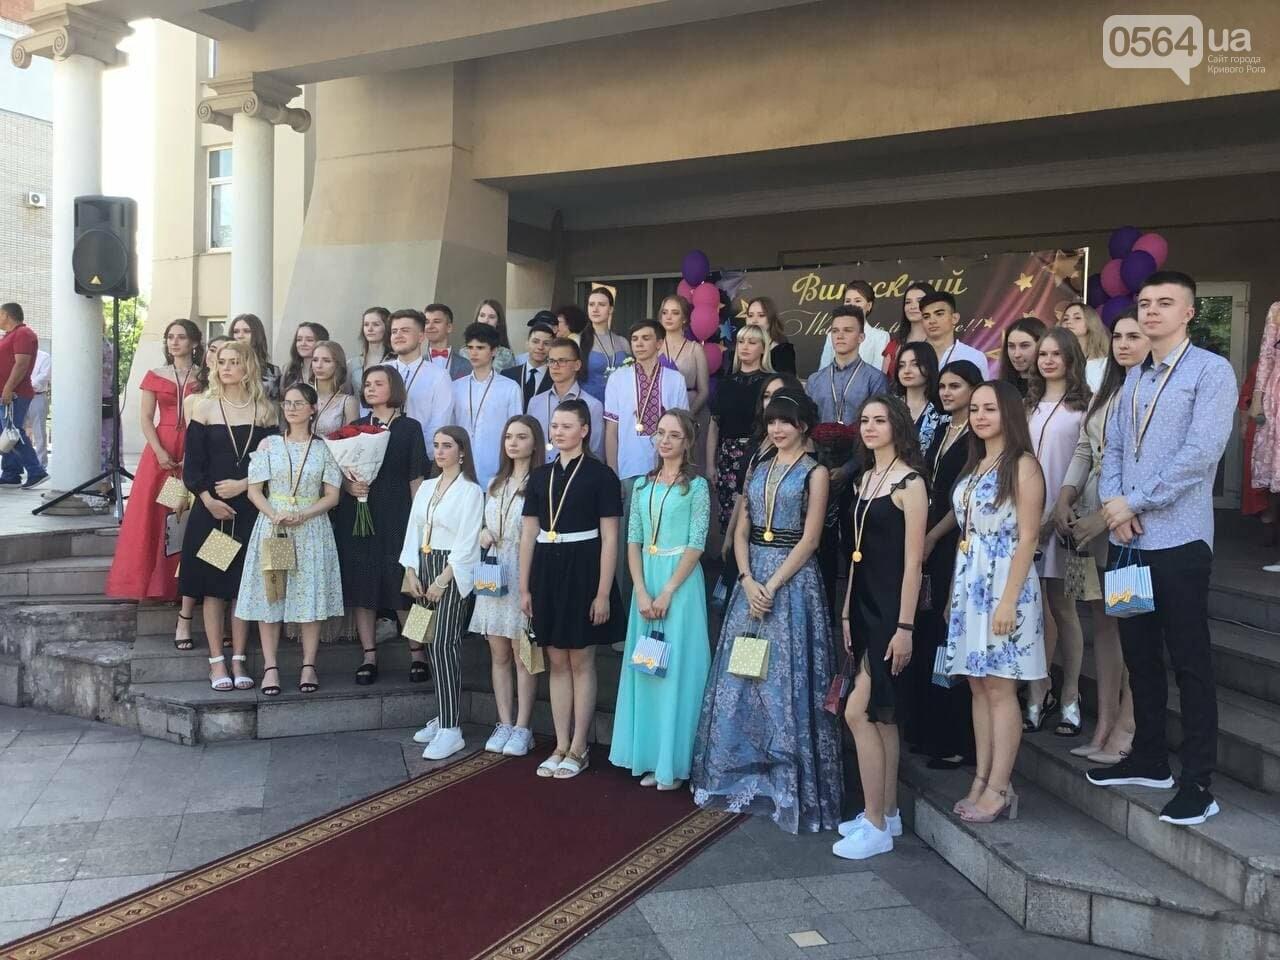 В Кривом Роге 3667 выпускников сегодня прощаются со своими alma mater, - ФОТО, фото-17